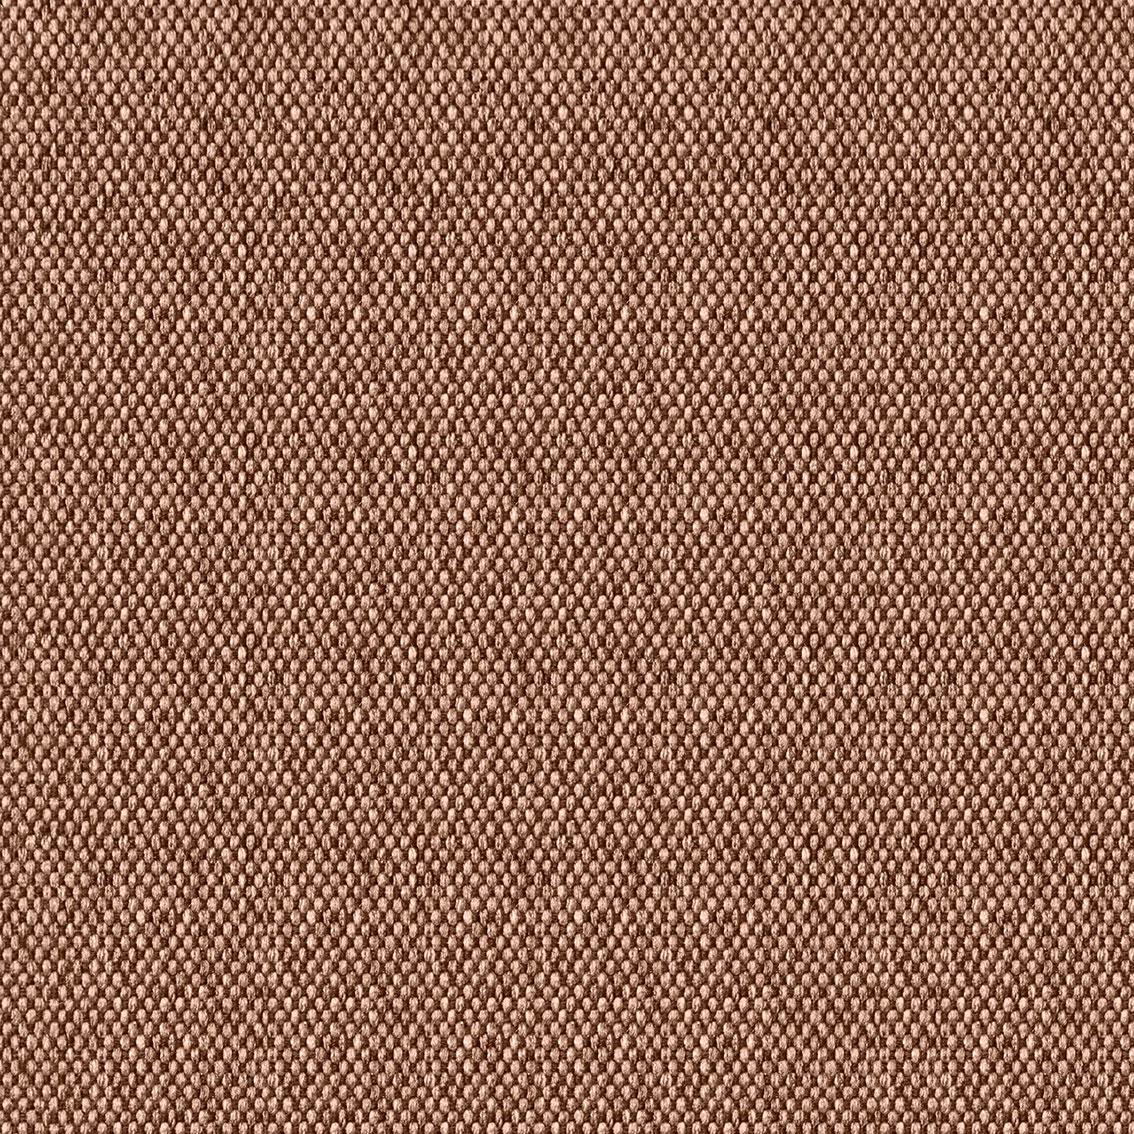 Коллекция ткани Leroy 305,  купить ткань Рогожка для мебели Украина